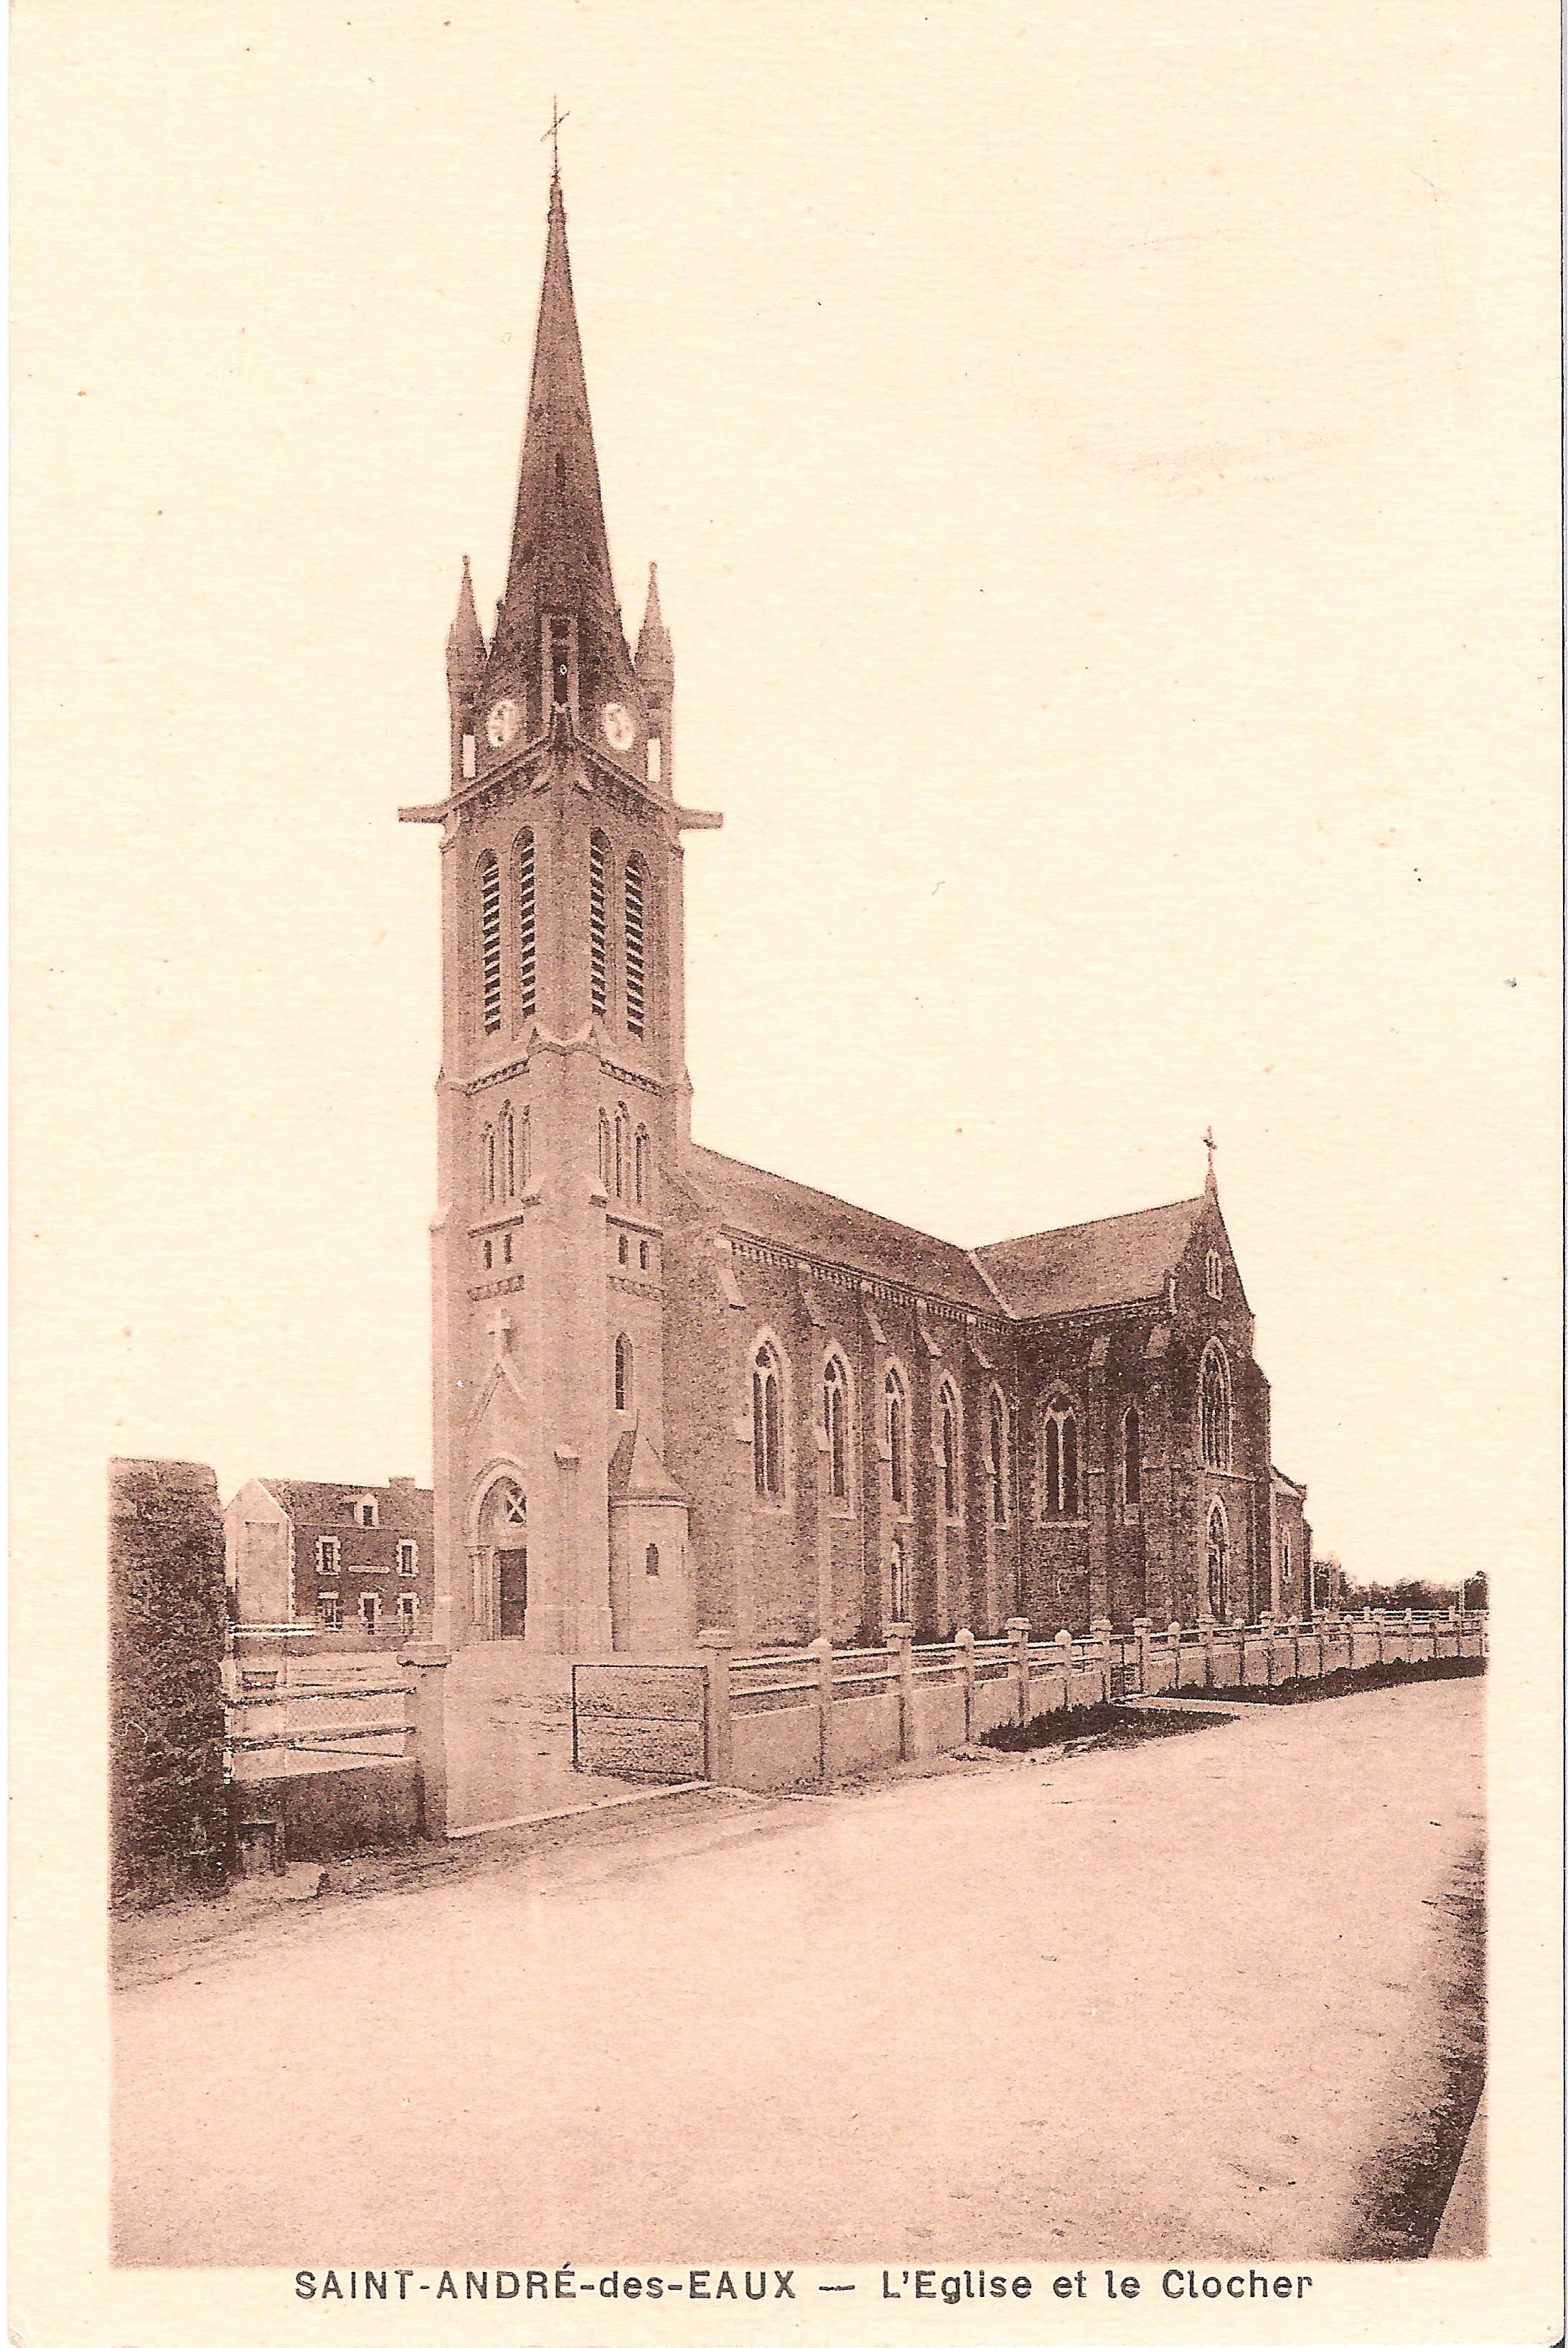 SAINT-ANDRE-des-EAUX - L'Eglise et le Clocher